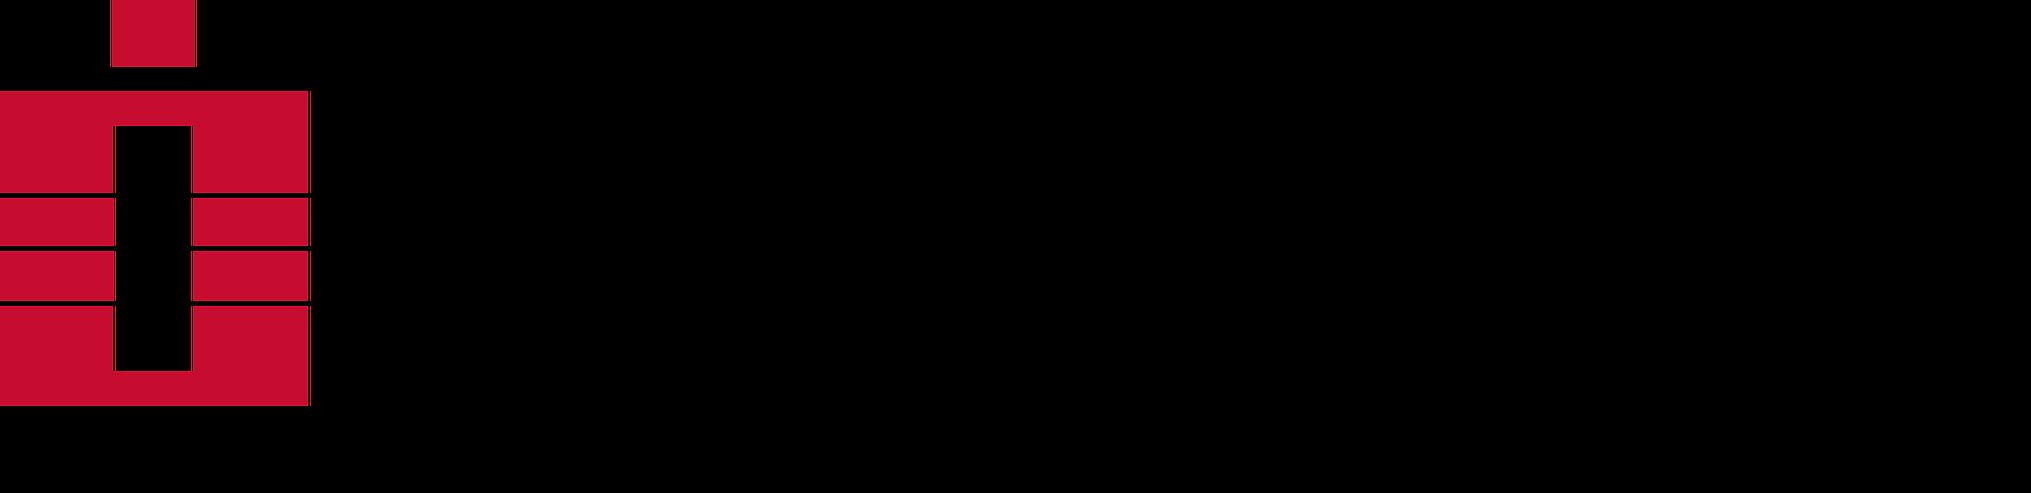 Imprivata-Logo.png